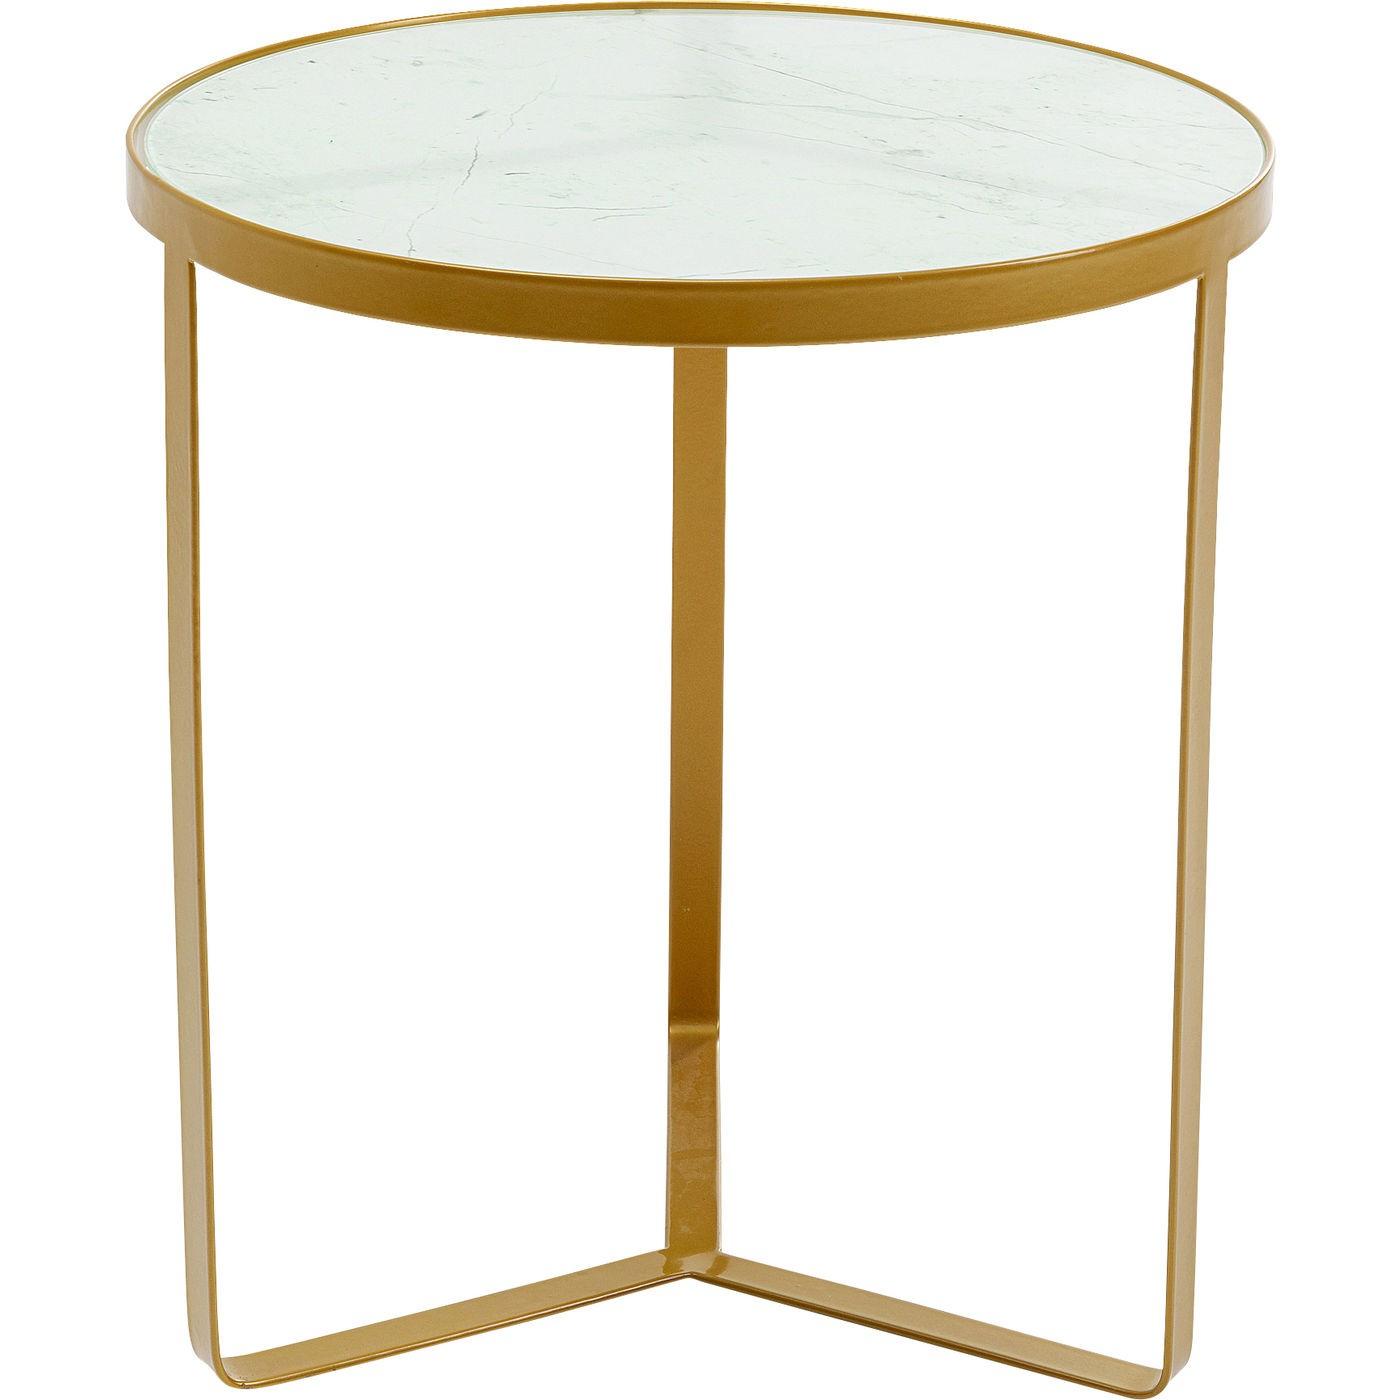 Table d'appoint en verre effet marbre et acier doré D45